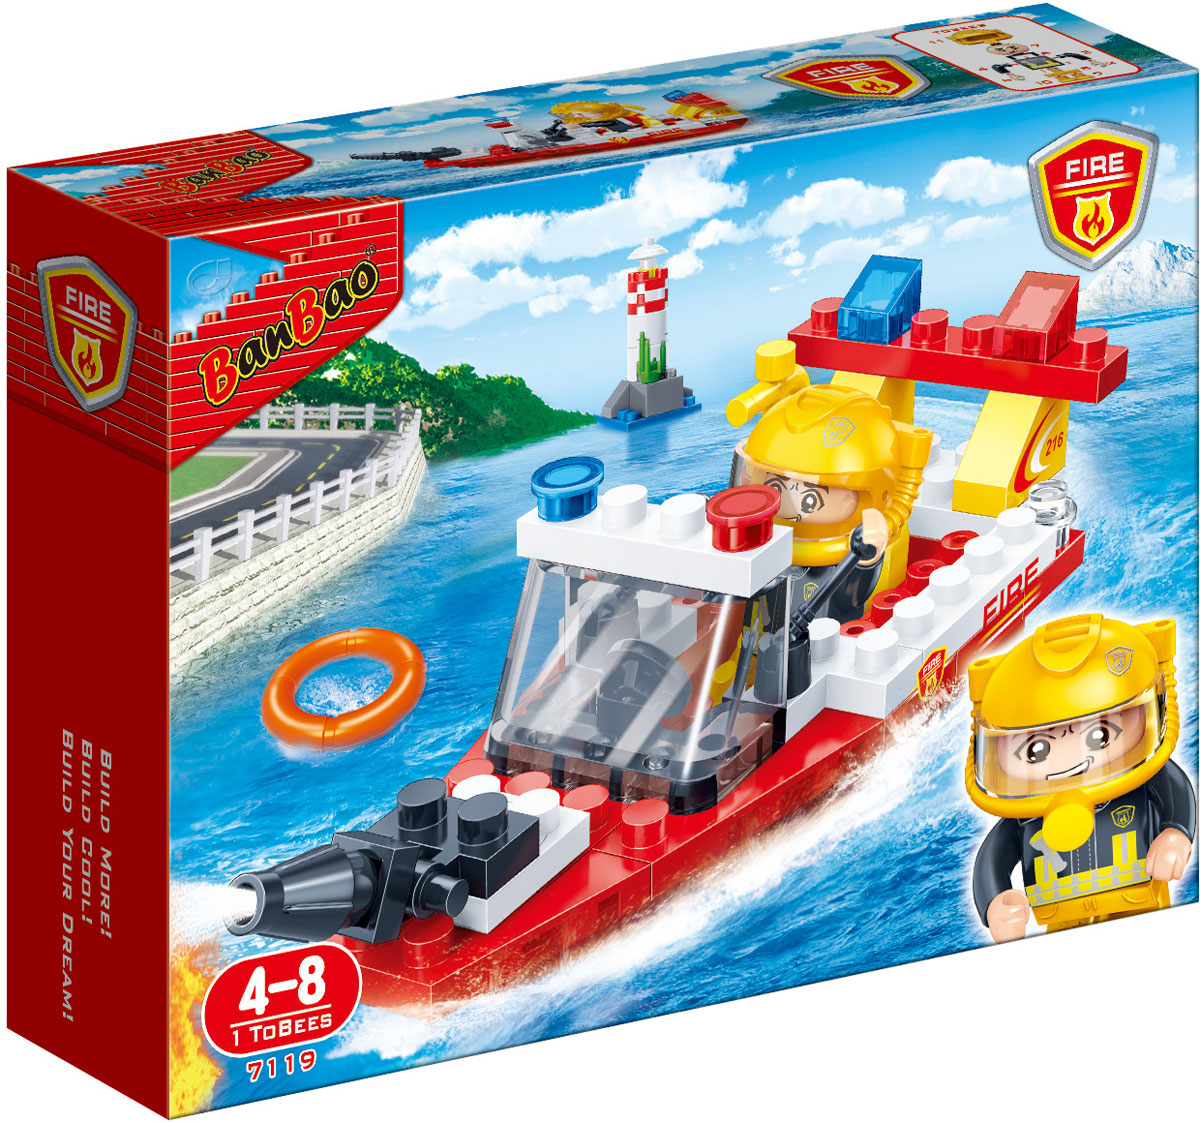 BanBaoКонструктор Пожарный катер 62 детали